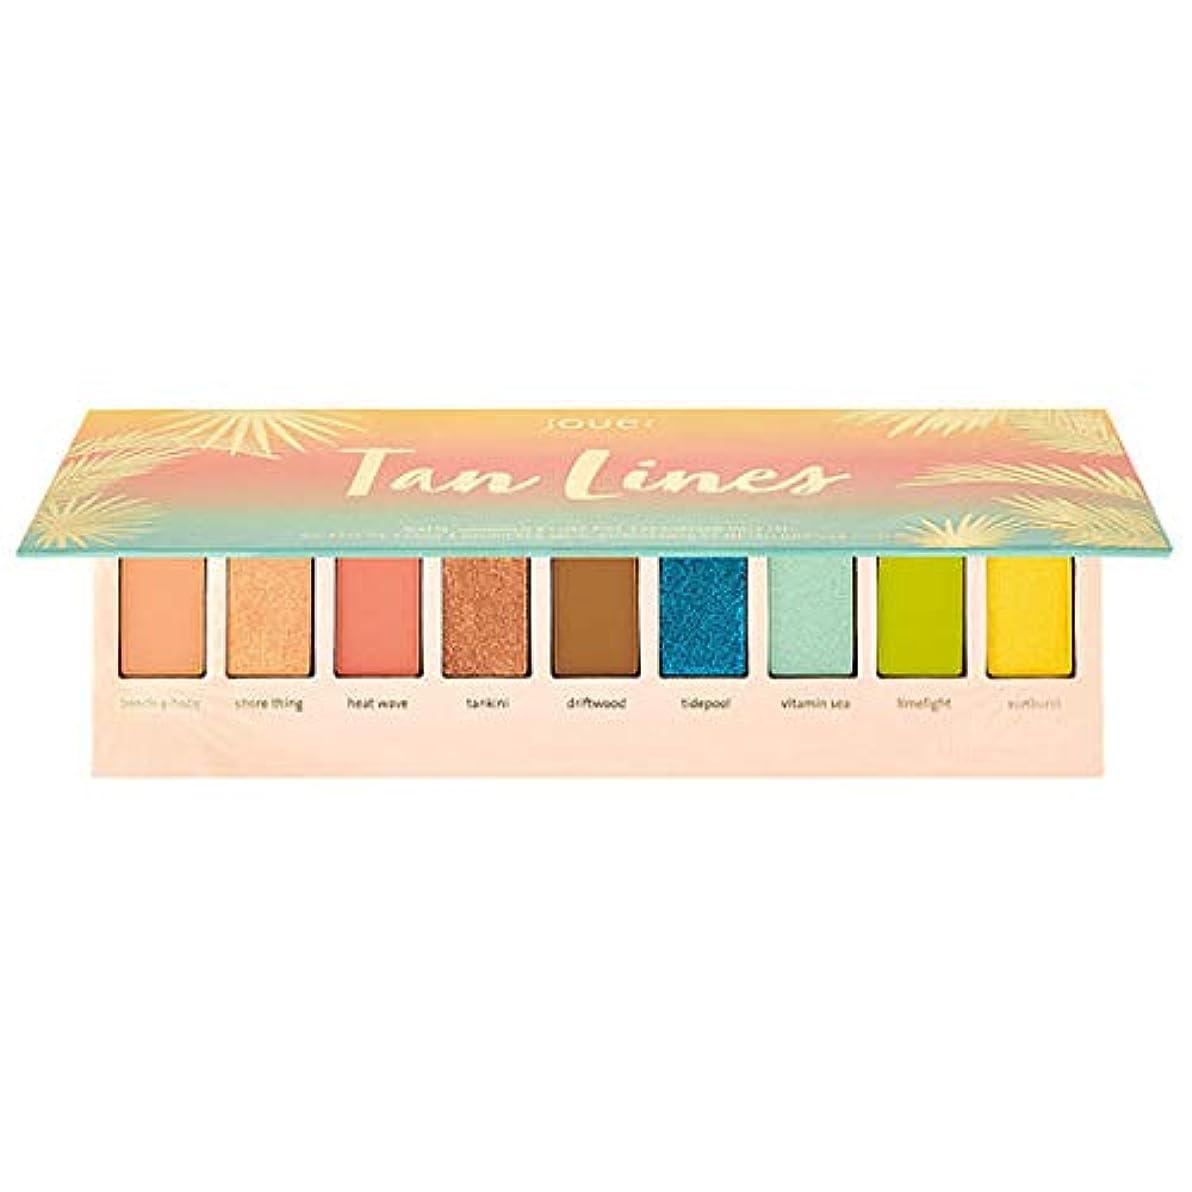 くつろぎ不均一賢明なJouer Cosmetics Tan Lines Matte, Shimmer & Luxe Foil Eyeshadow Palette